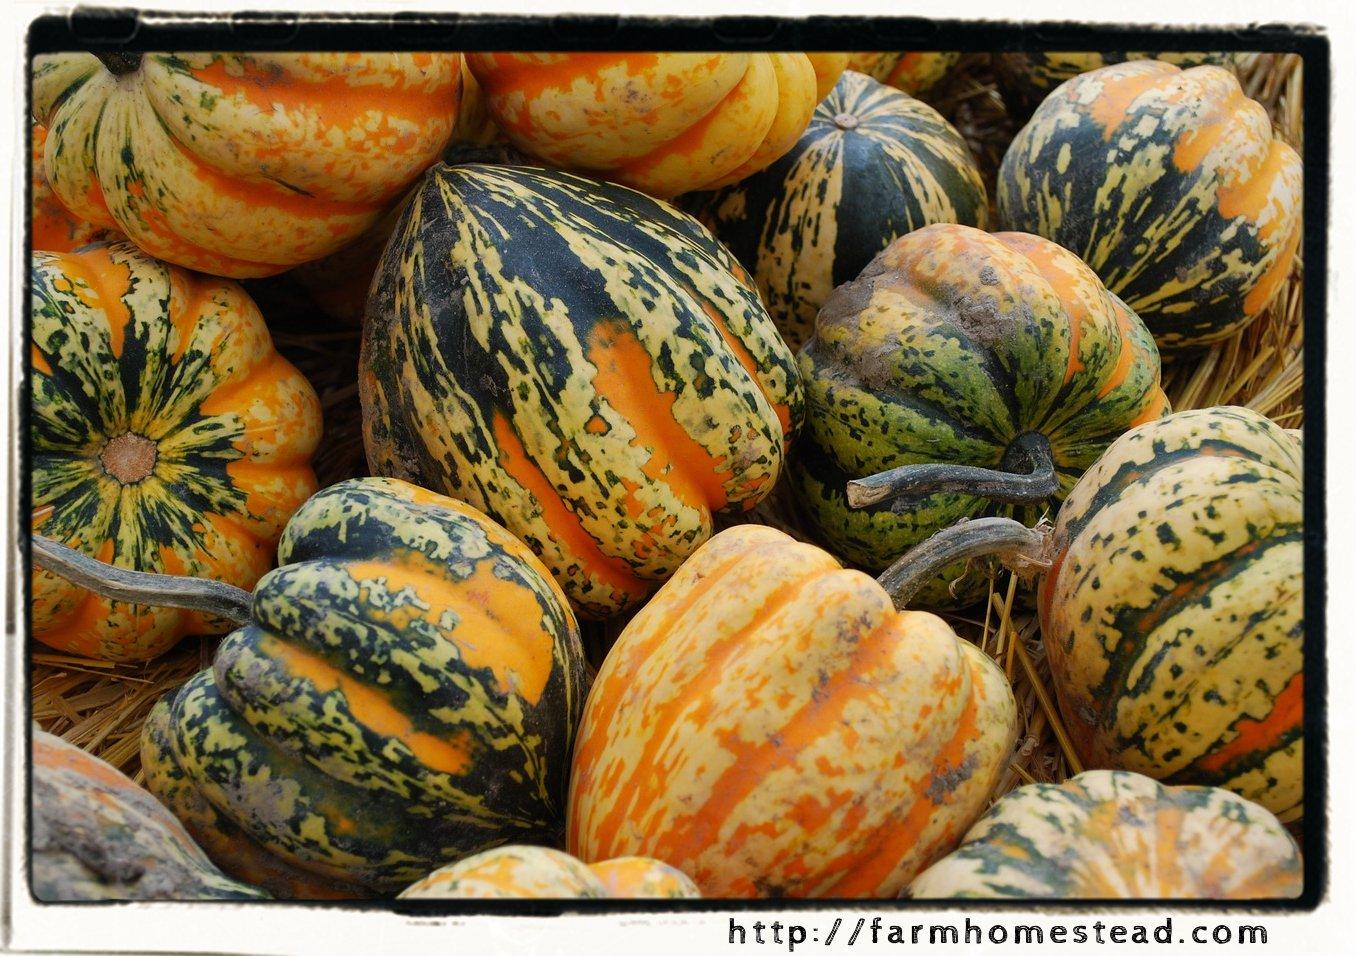 acorn squash harvest